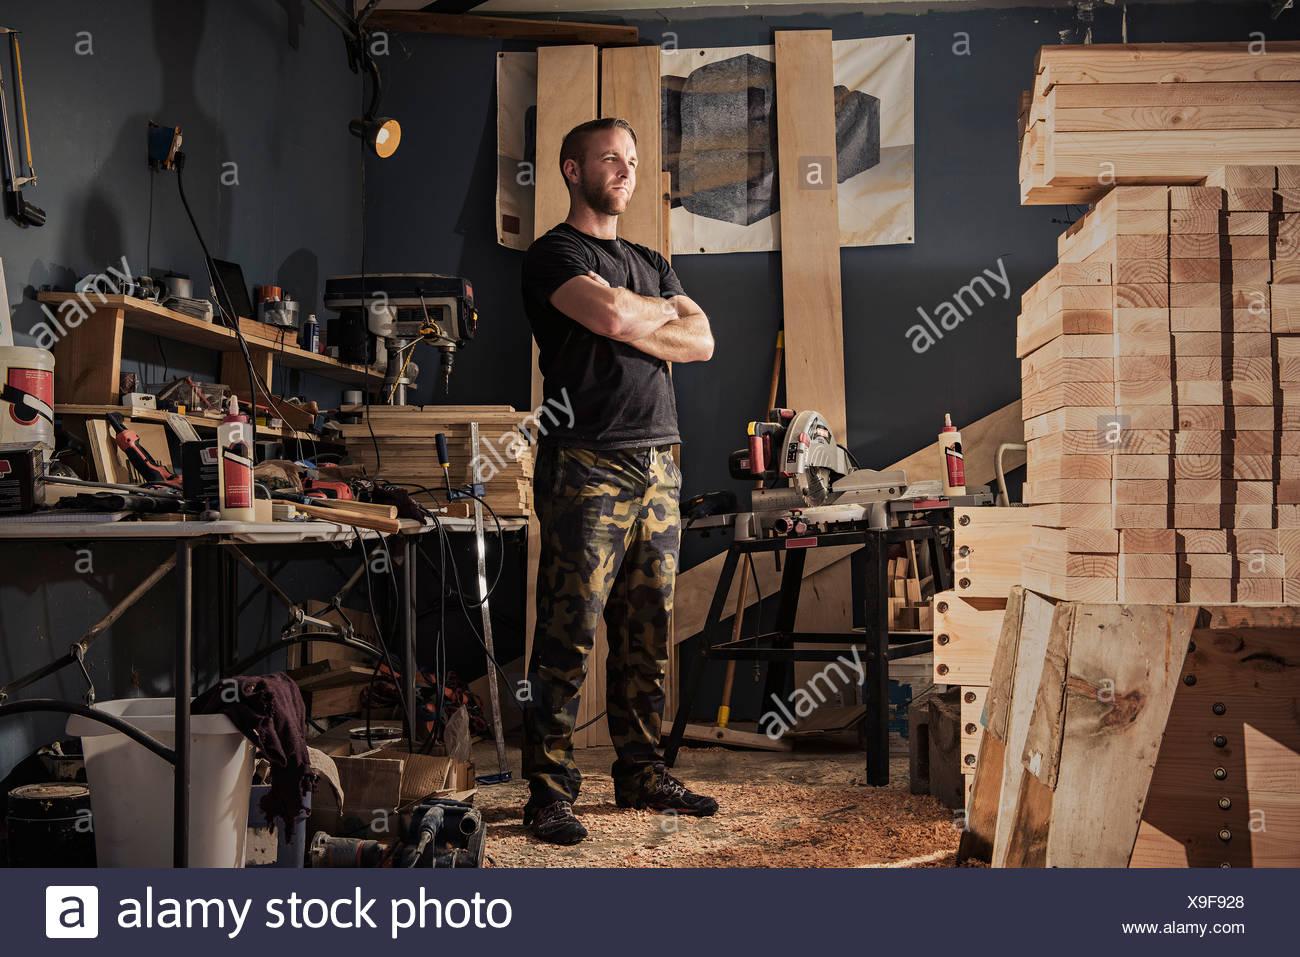 Porträt von Mitte erwachsenen Mannes in Schreinerei Stockbild